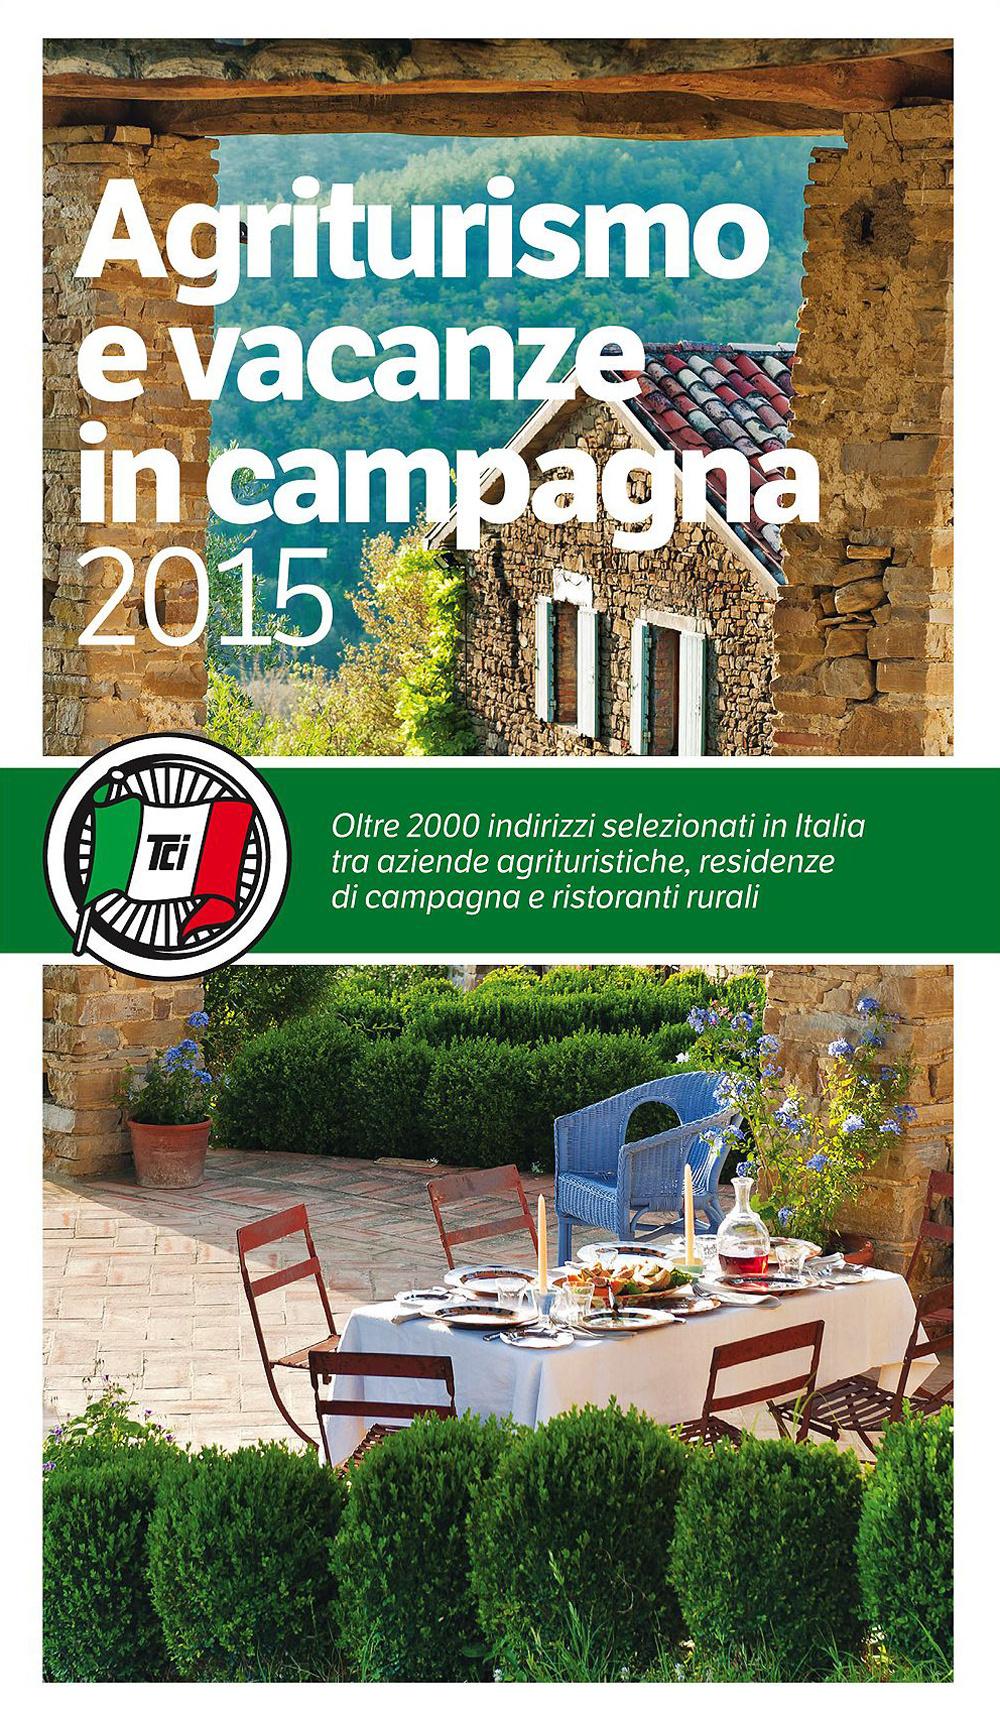 AGRITURISMO E VACANZE IN CAMPAGNA 2015 - 9788836566785